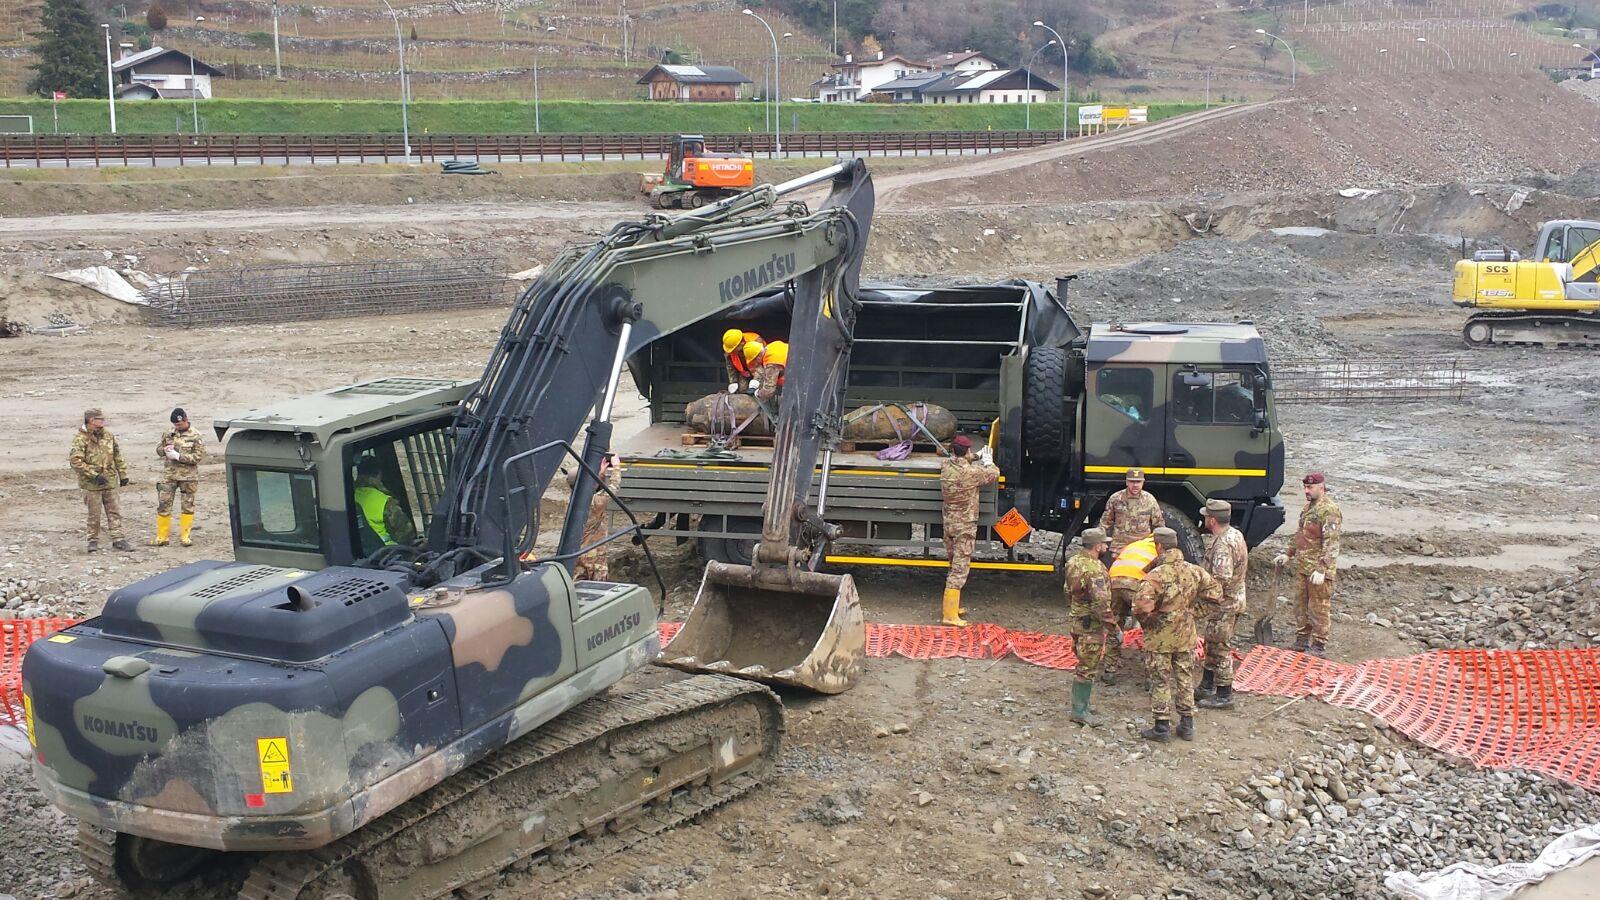 L'esercito neutralizza due bombe d'aereo da 1000 libbre nel Brennero